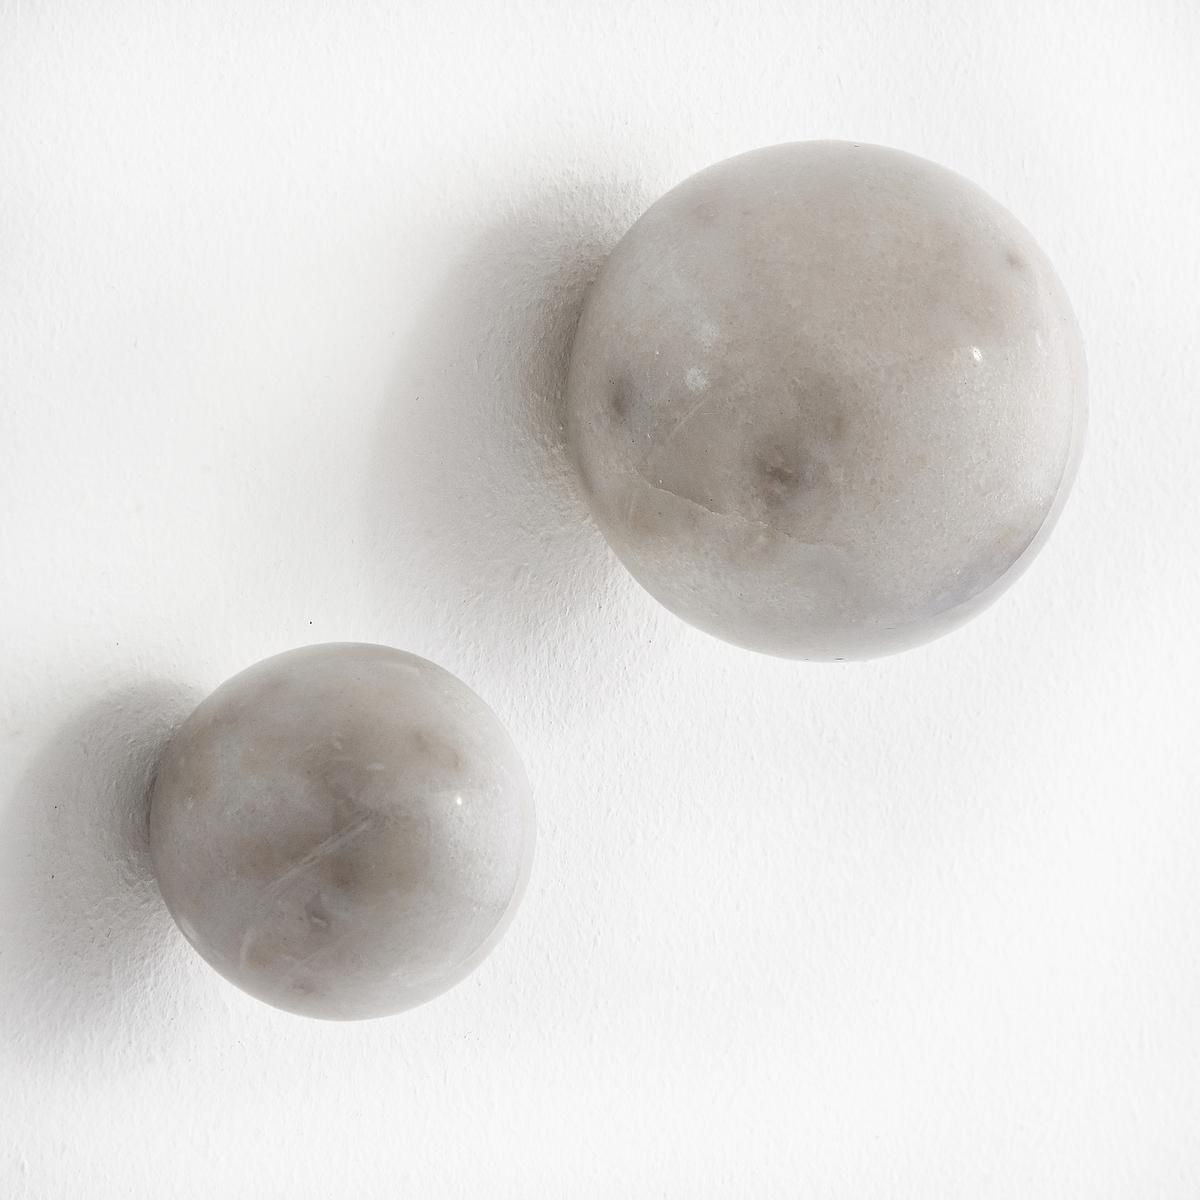 2 вешалки мраморные AmericiКомплект из 2 вешалок Americi. Два строгих и элегантных мраморных шара, на которые можно повесить Вашу одежду. - Шурупы и дюбеля не прилагаются.. В комплекте 2 размера: ?5 см и ?7 см.<br><br>Цвет: белый мрамор<br>Размер: единый размер